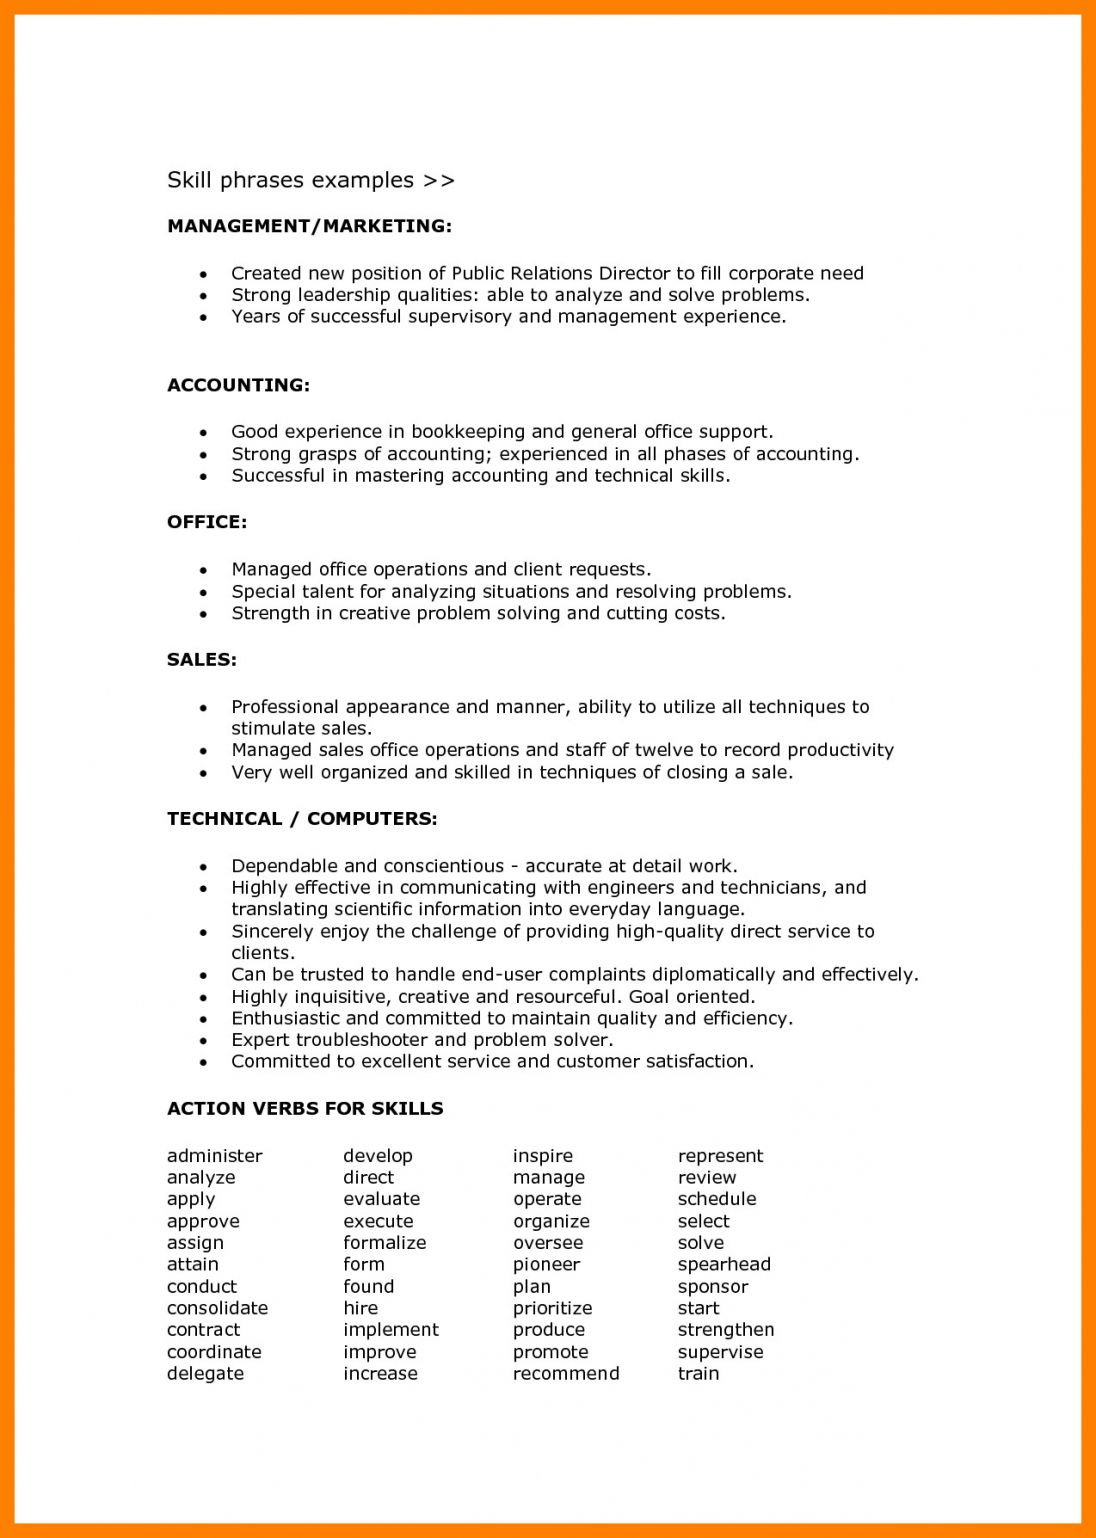 Resume Format Language Skills Resume Format Resume Skills Resume Objective Examples Resume Examples